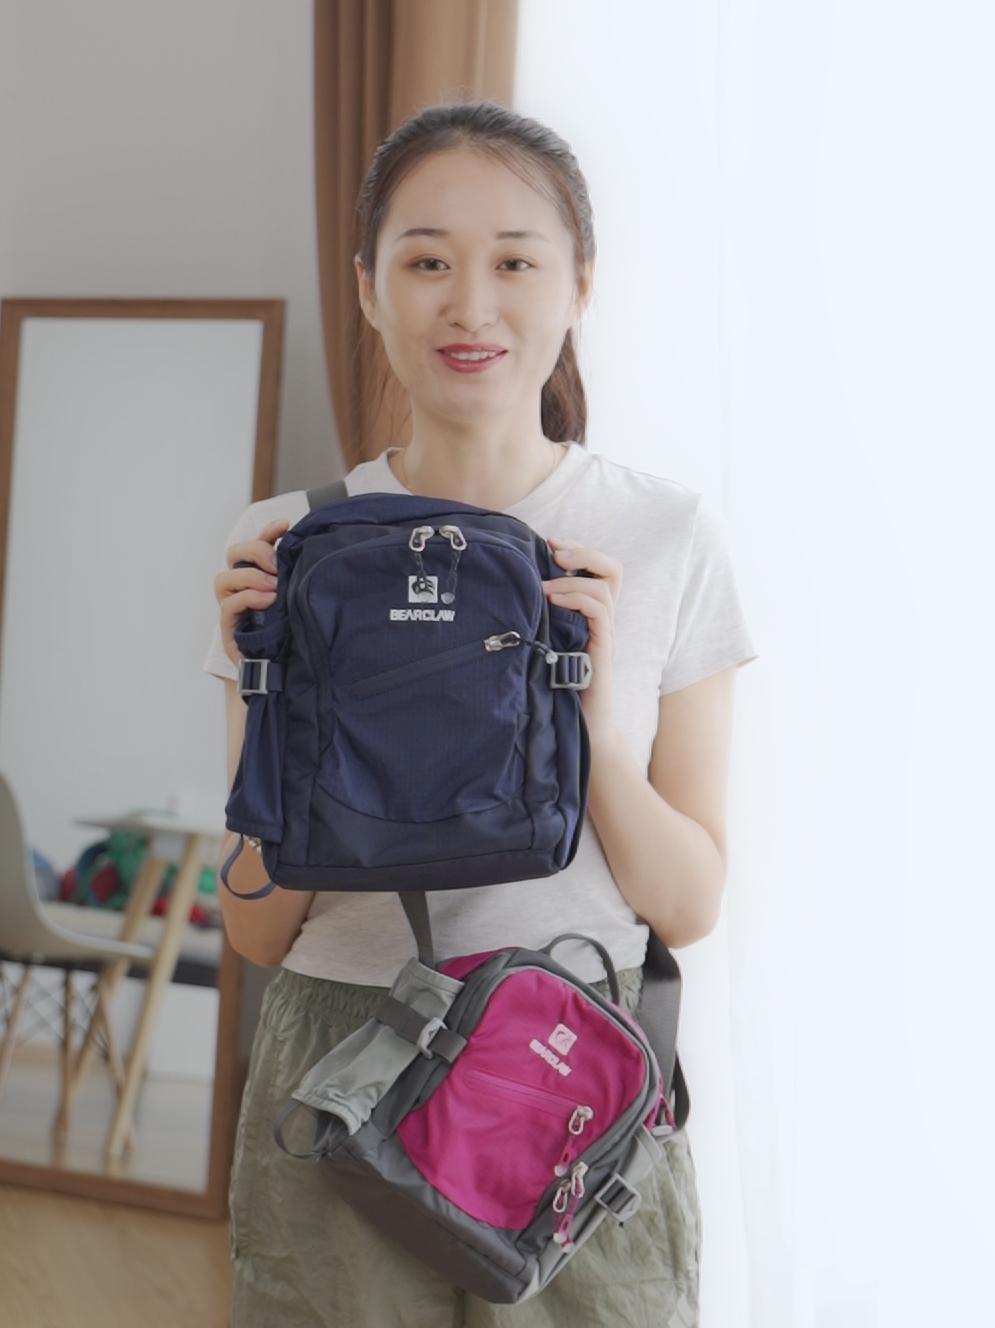 На открытом воздухе сумку женский спортивный досуг легкий небольшой сумка мужской чайник водонепроницаемый мини путешествие рюкзак лето мода